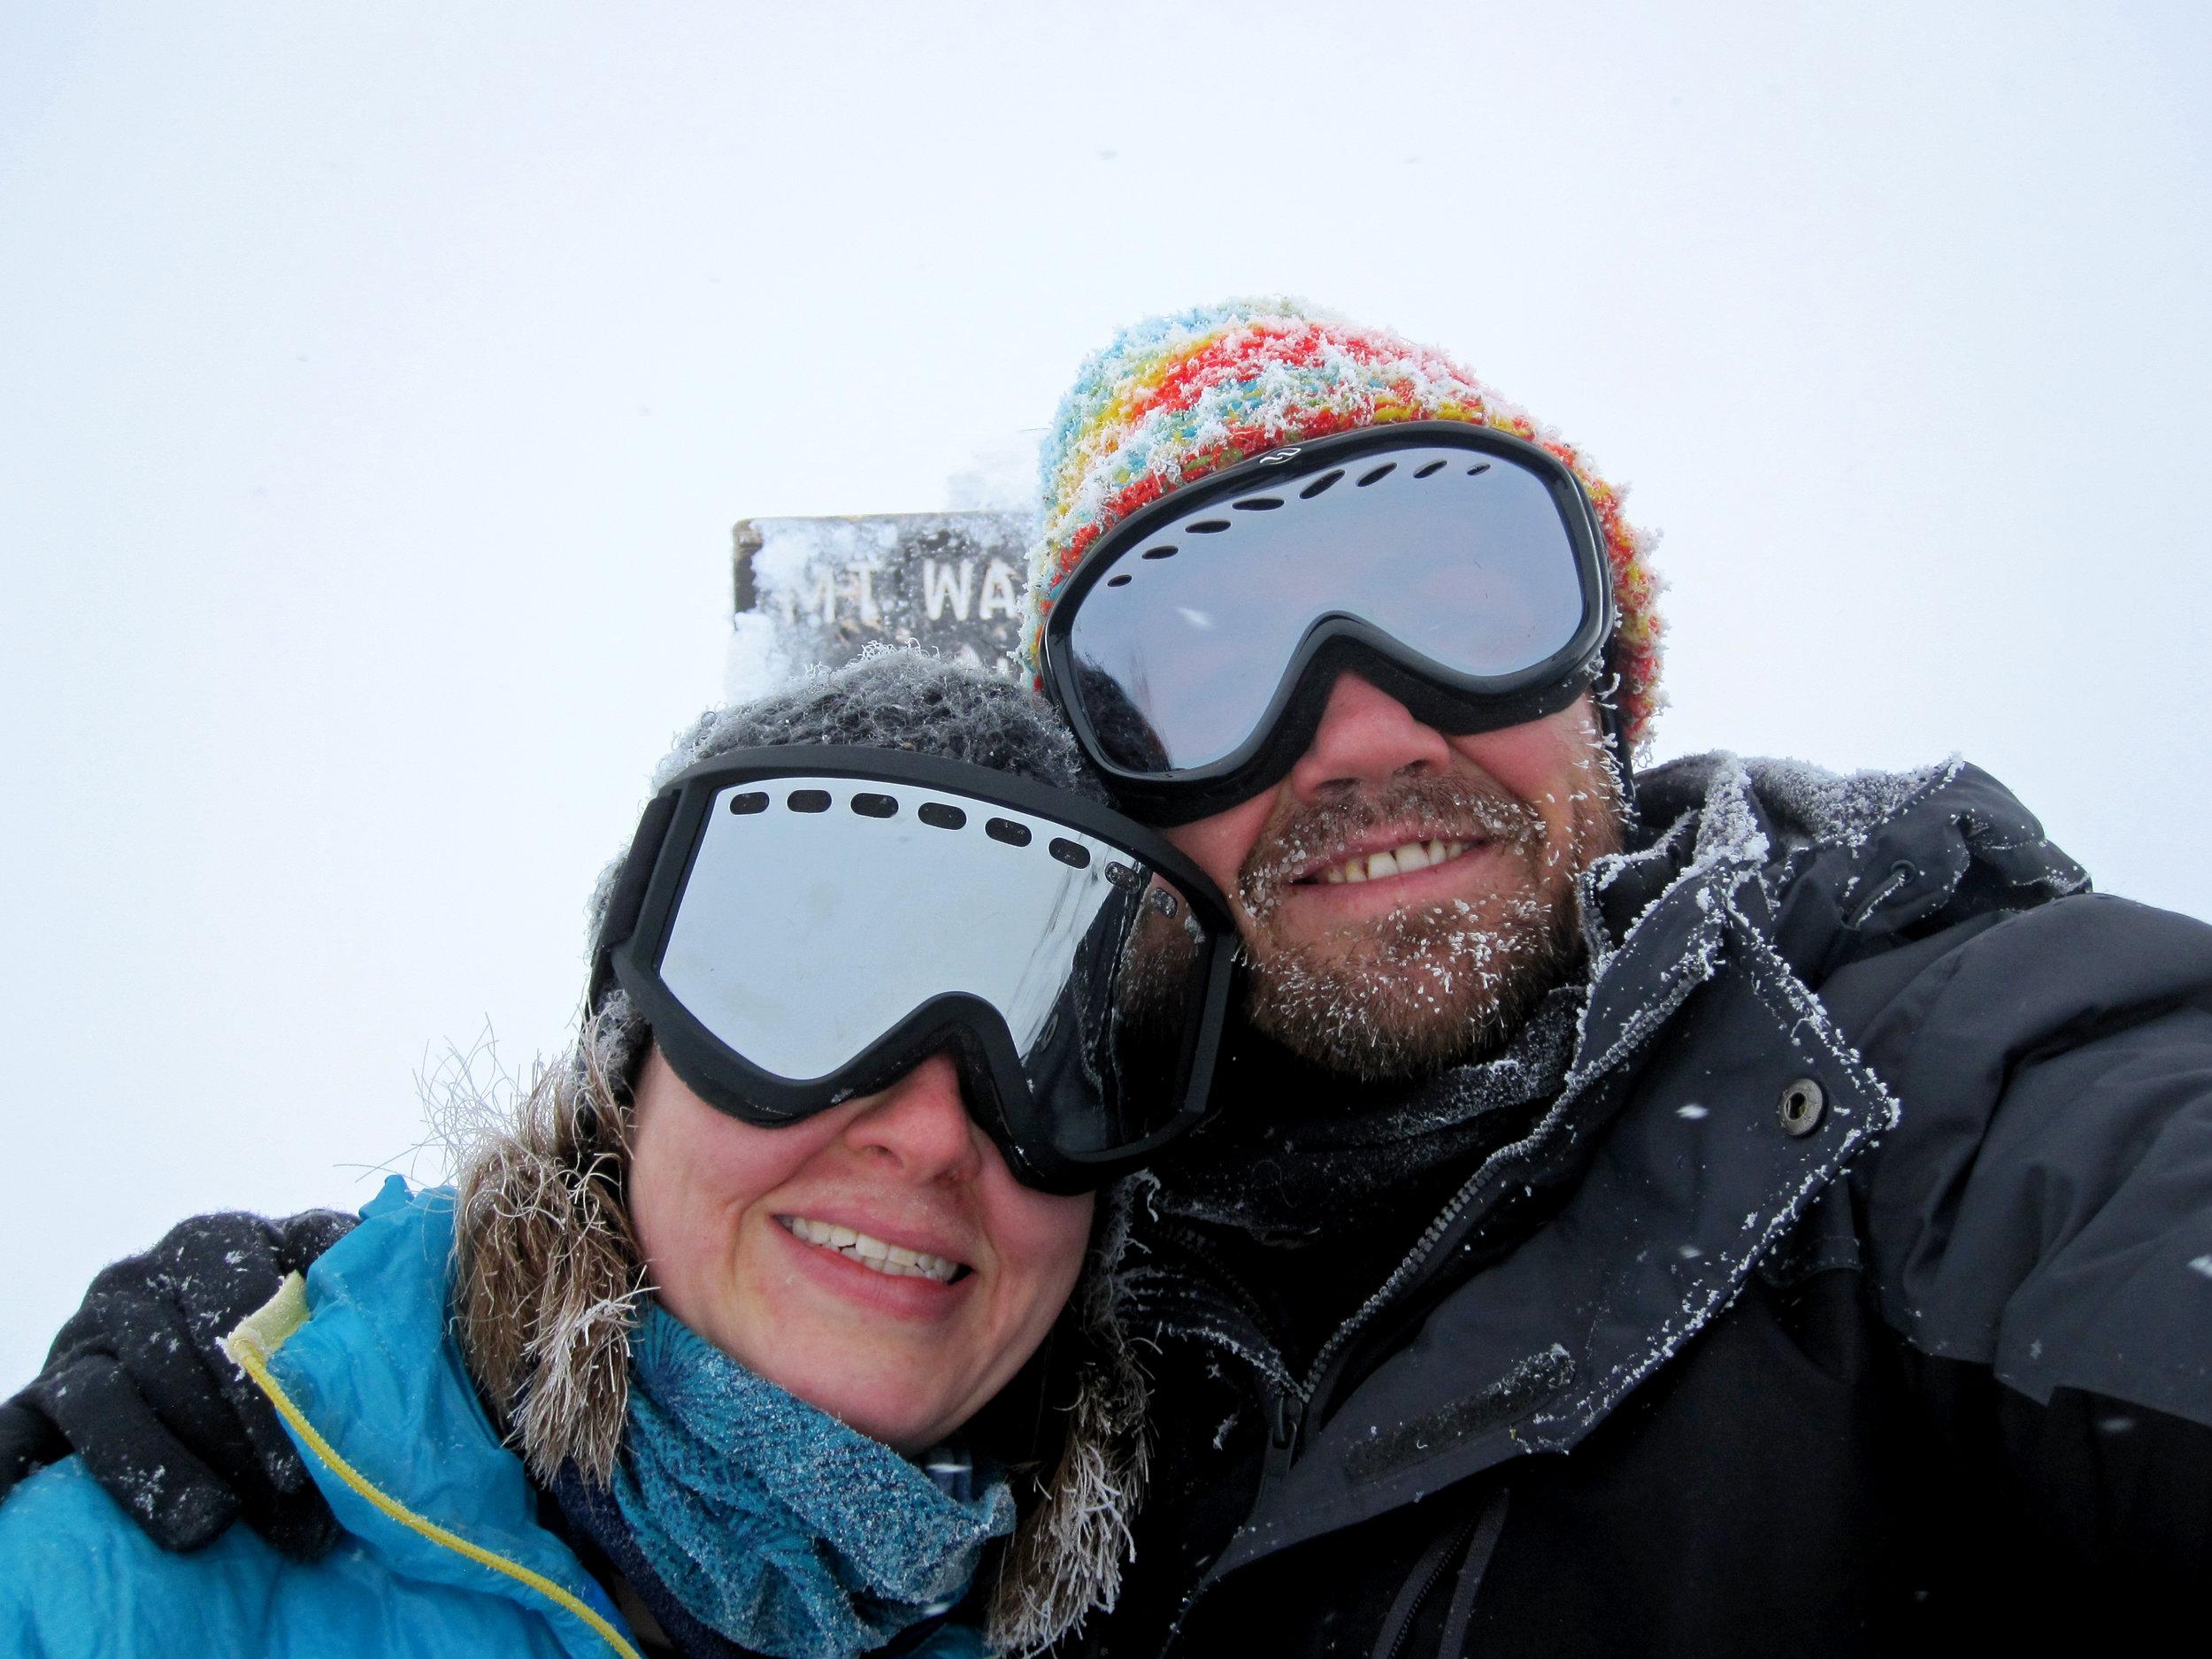 Winter summit of Mount Washington